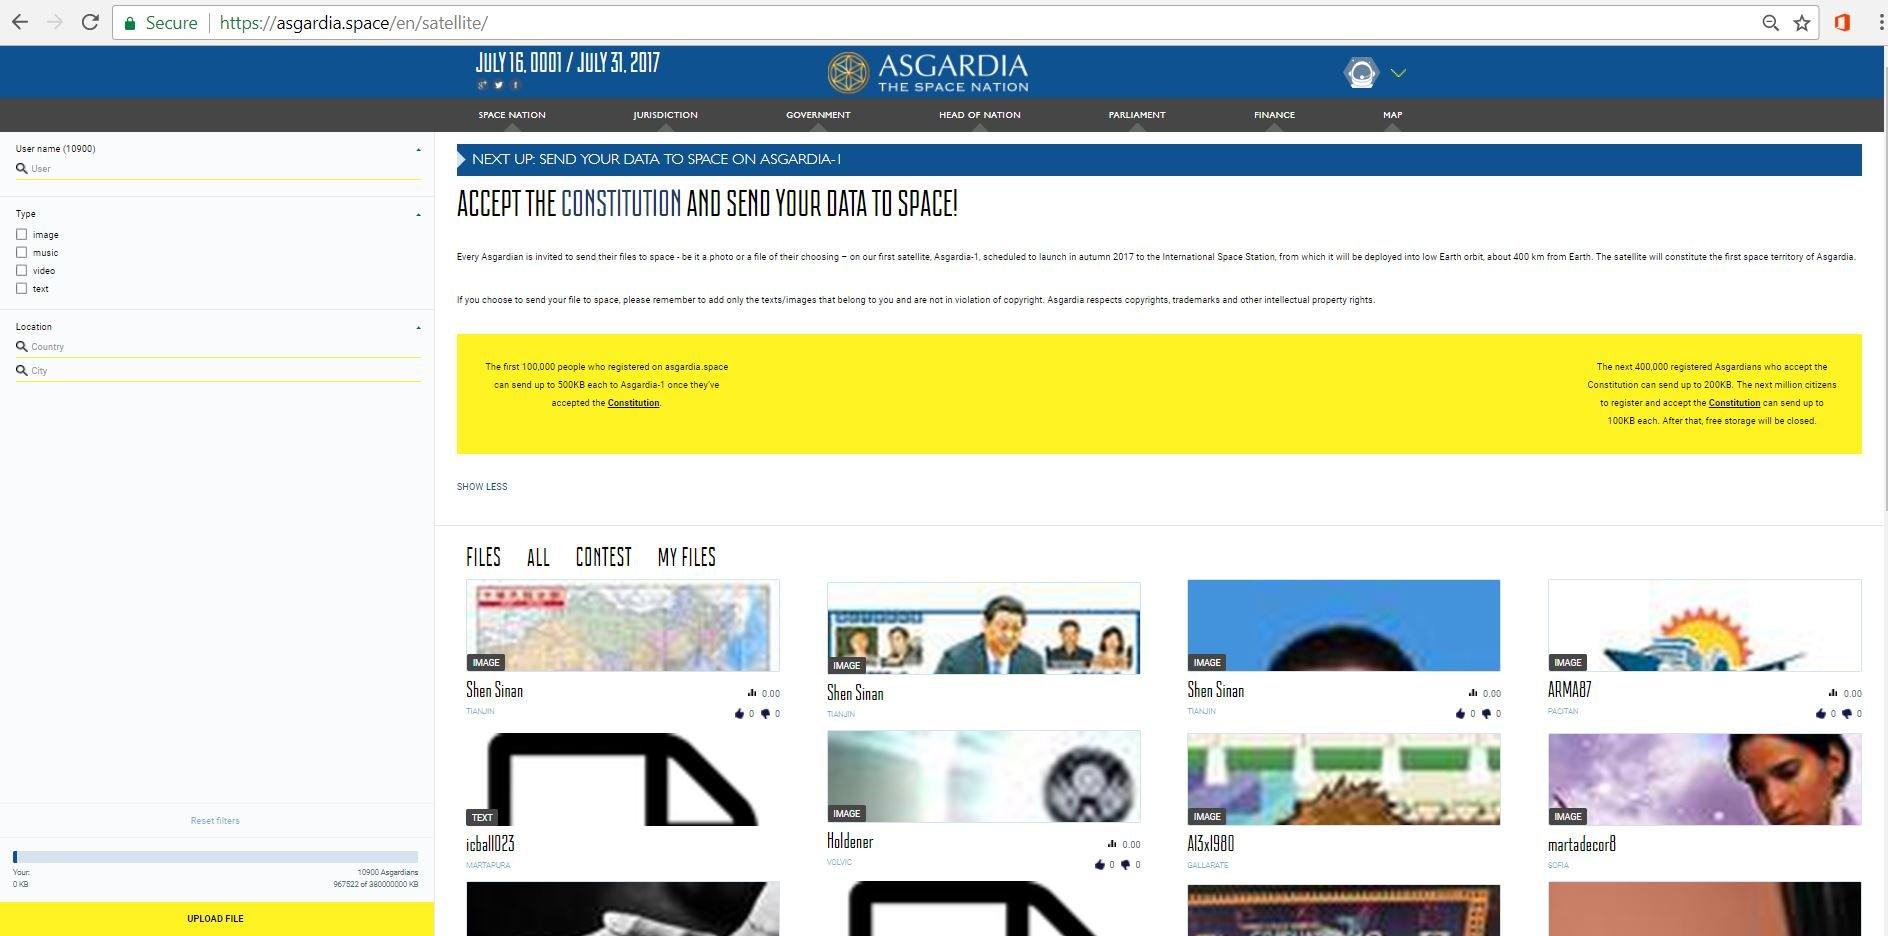 Kirim data anda ke ruang angkasa menjadi gimmick marketing Asgardia